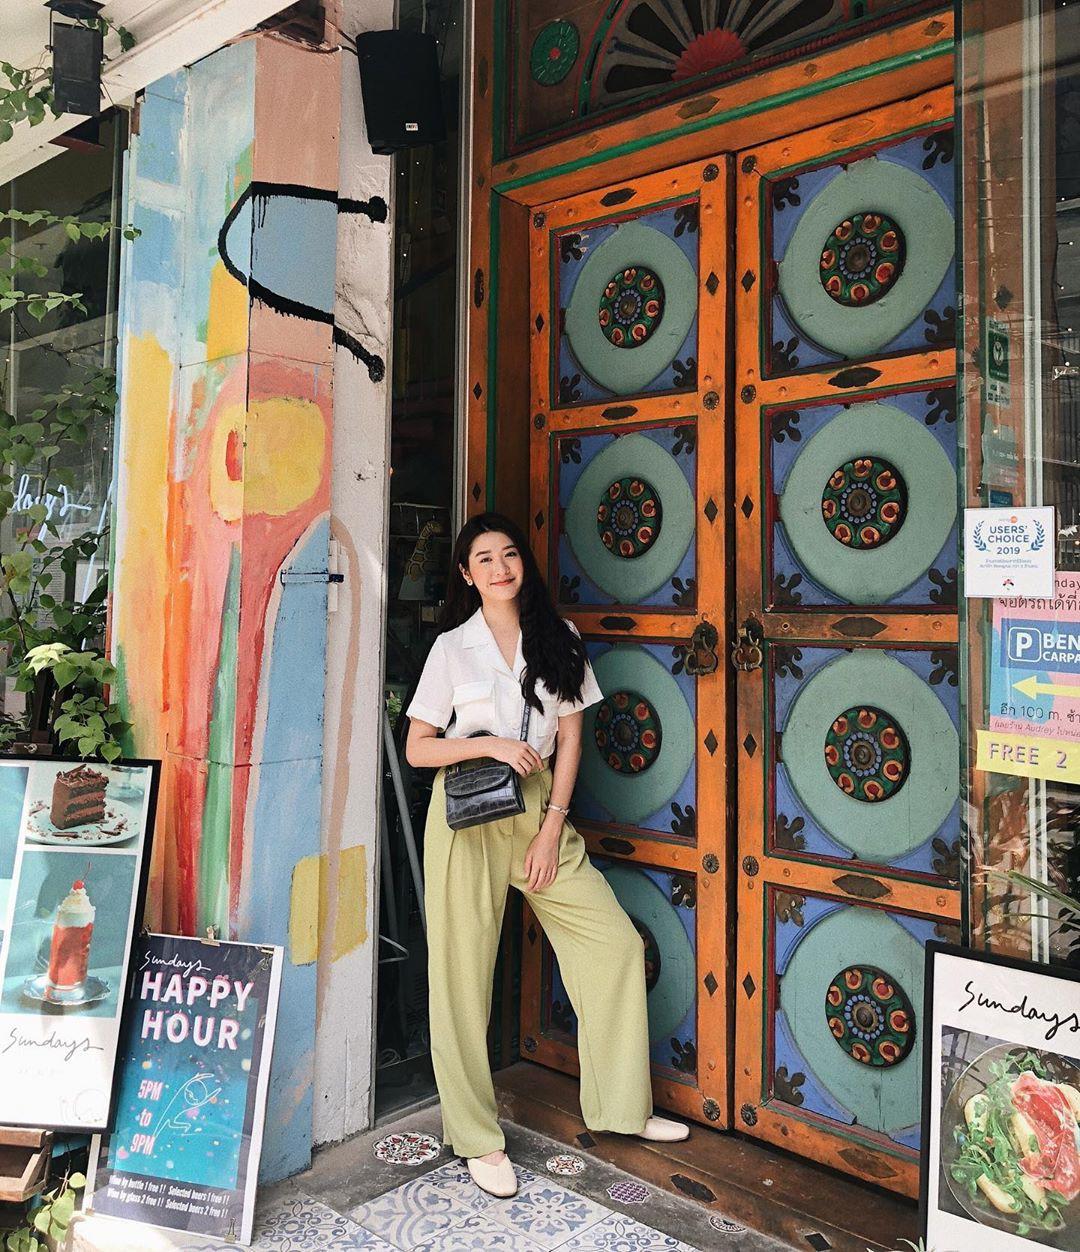 Street style Châu Á: Chẳng cầu kỳ, chỉ với vài ba món đồ công sở đơn giản mà vẫn mãn nhãn người nhìn - Ảnh 1